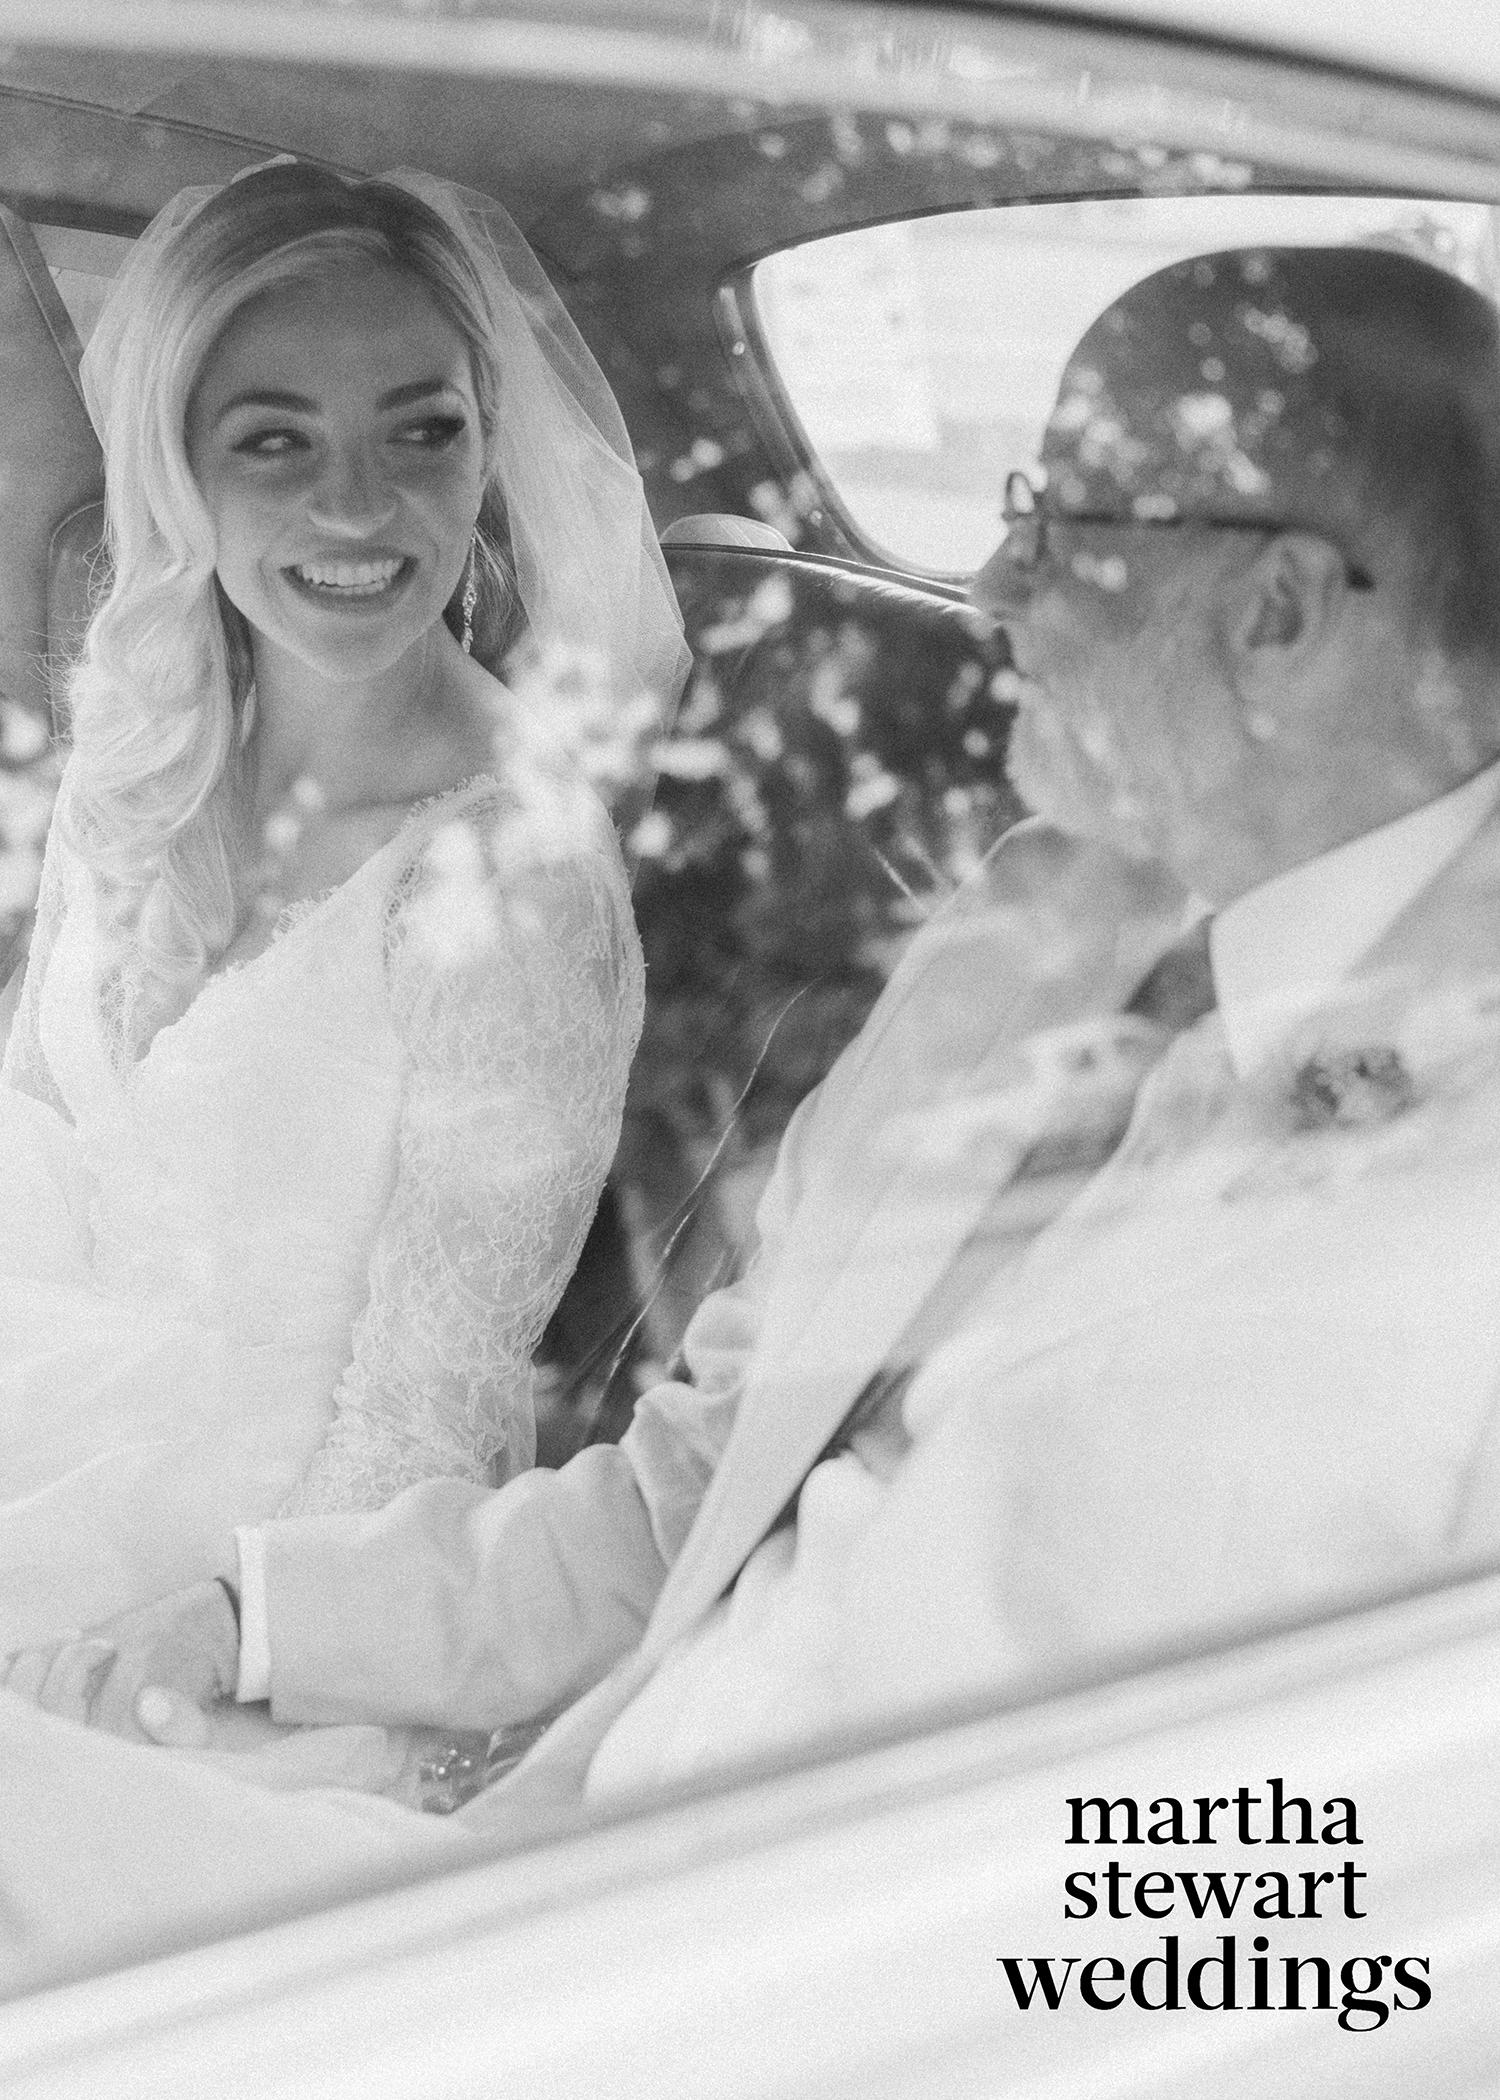 abby elliott bill kennedy wedding father car